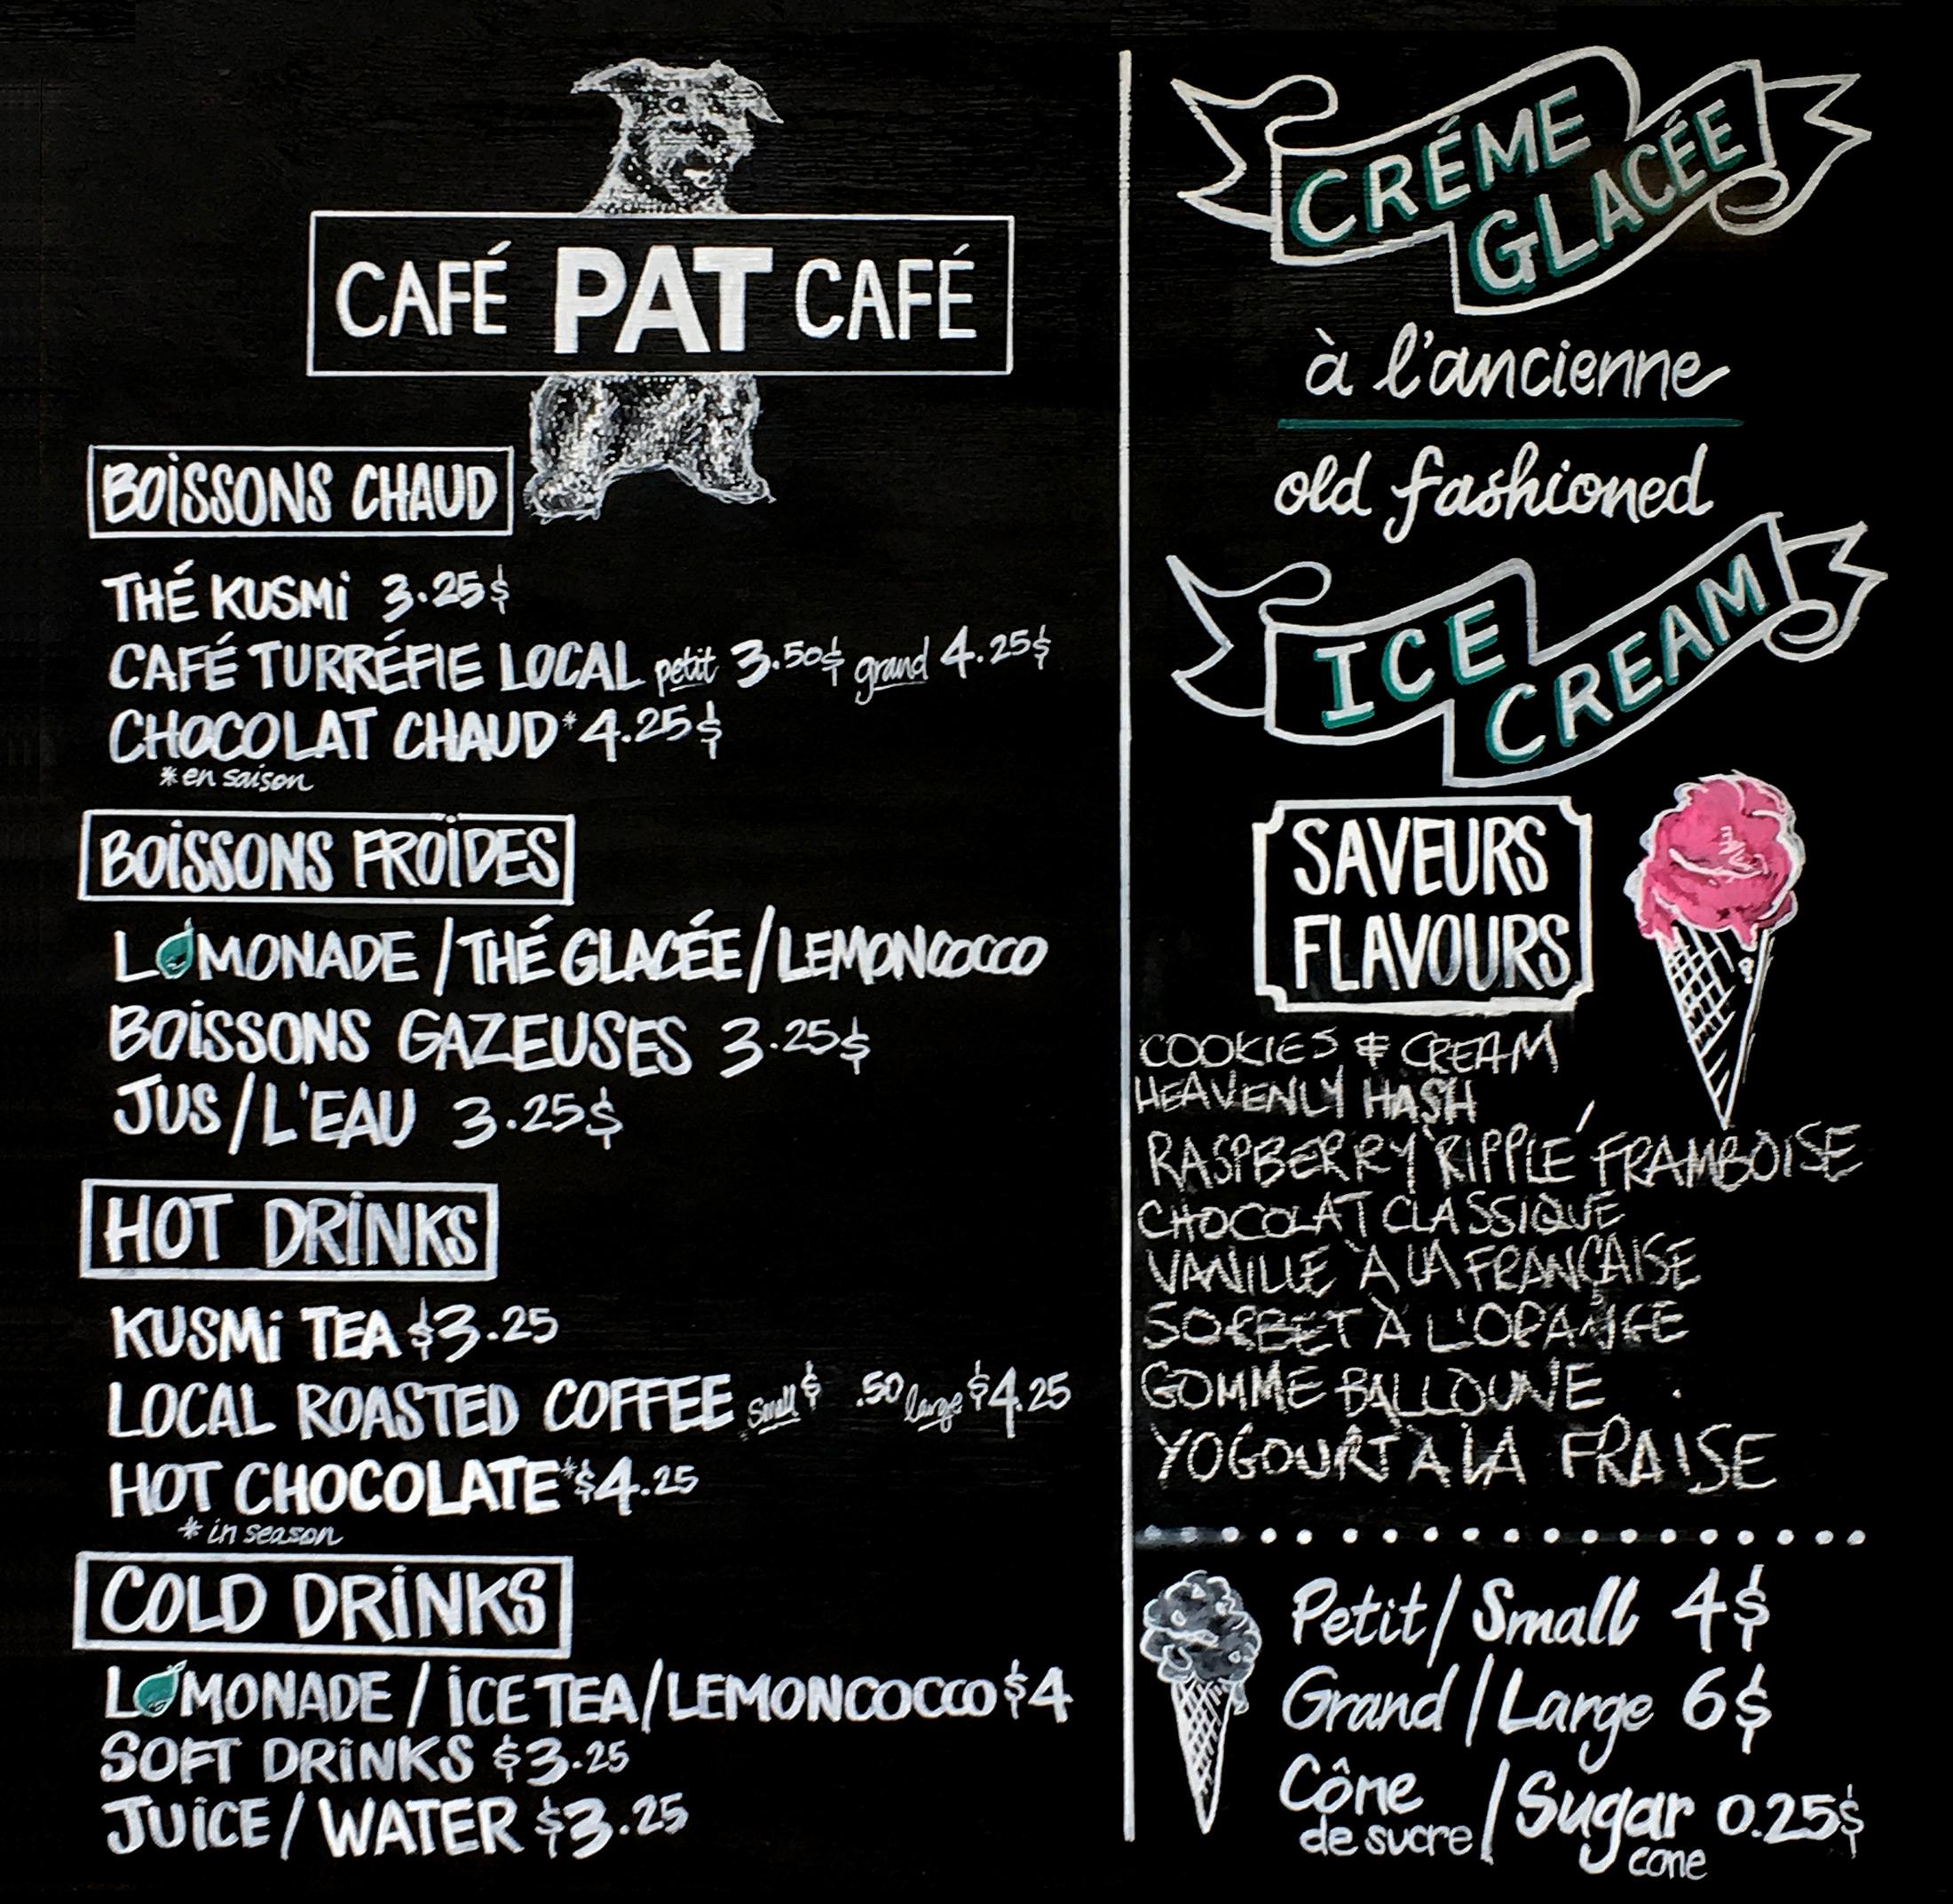 IMG_0901_cafePat_menuSML.jpg